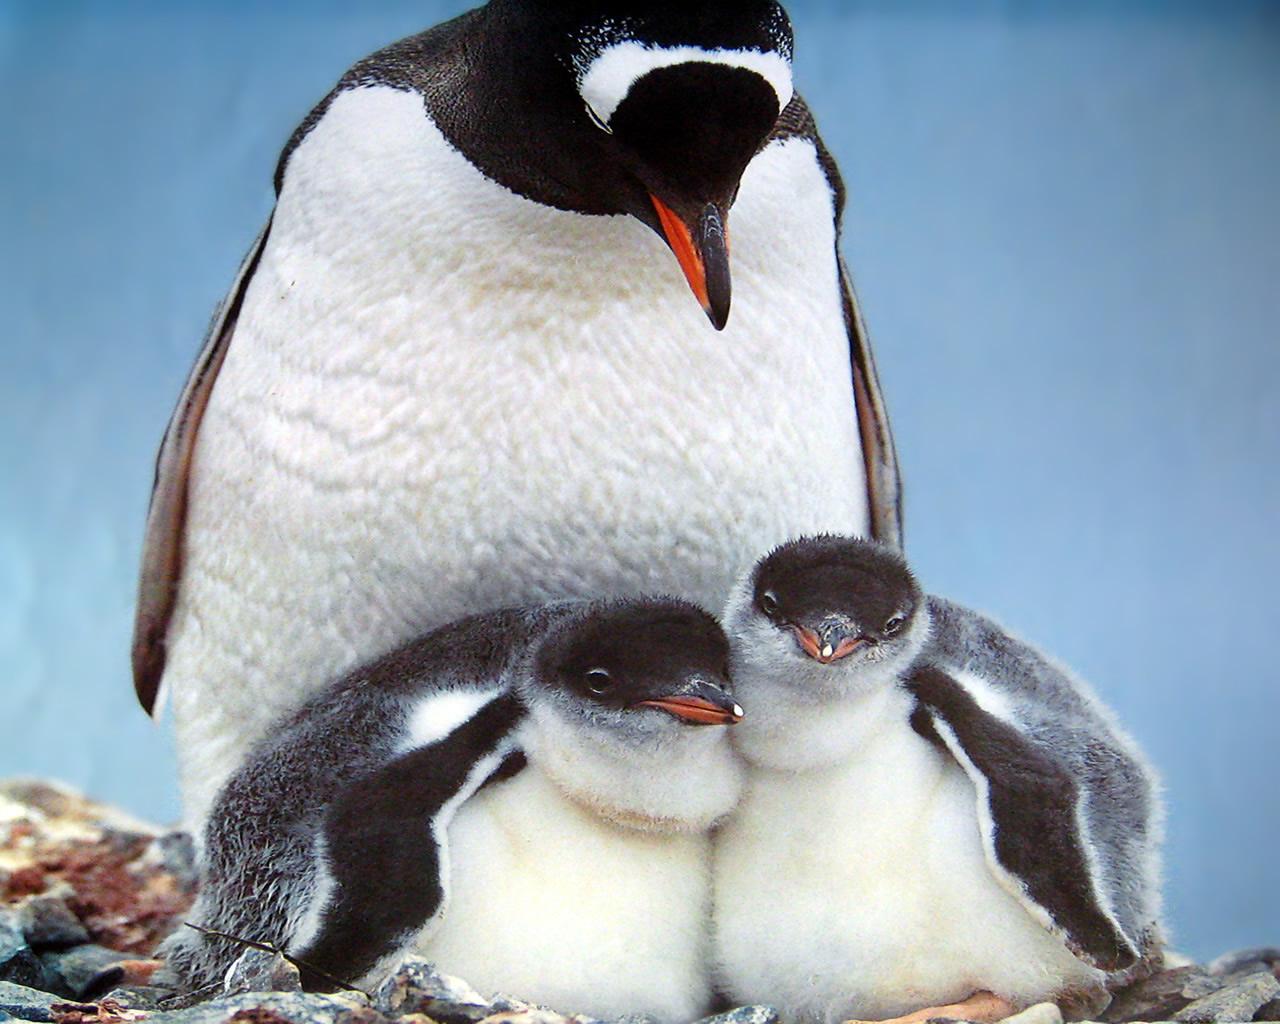 download wallpaper: pooldieren – een pinguinmoeder en haar kuikens wallpaper